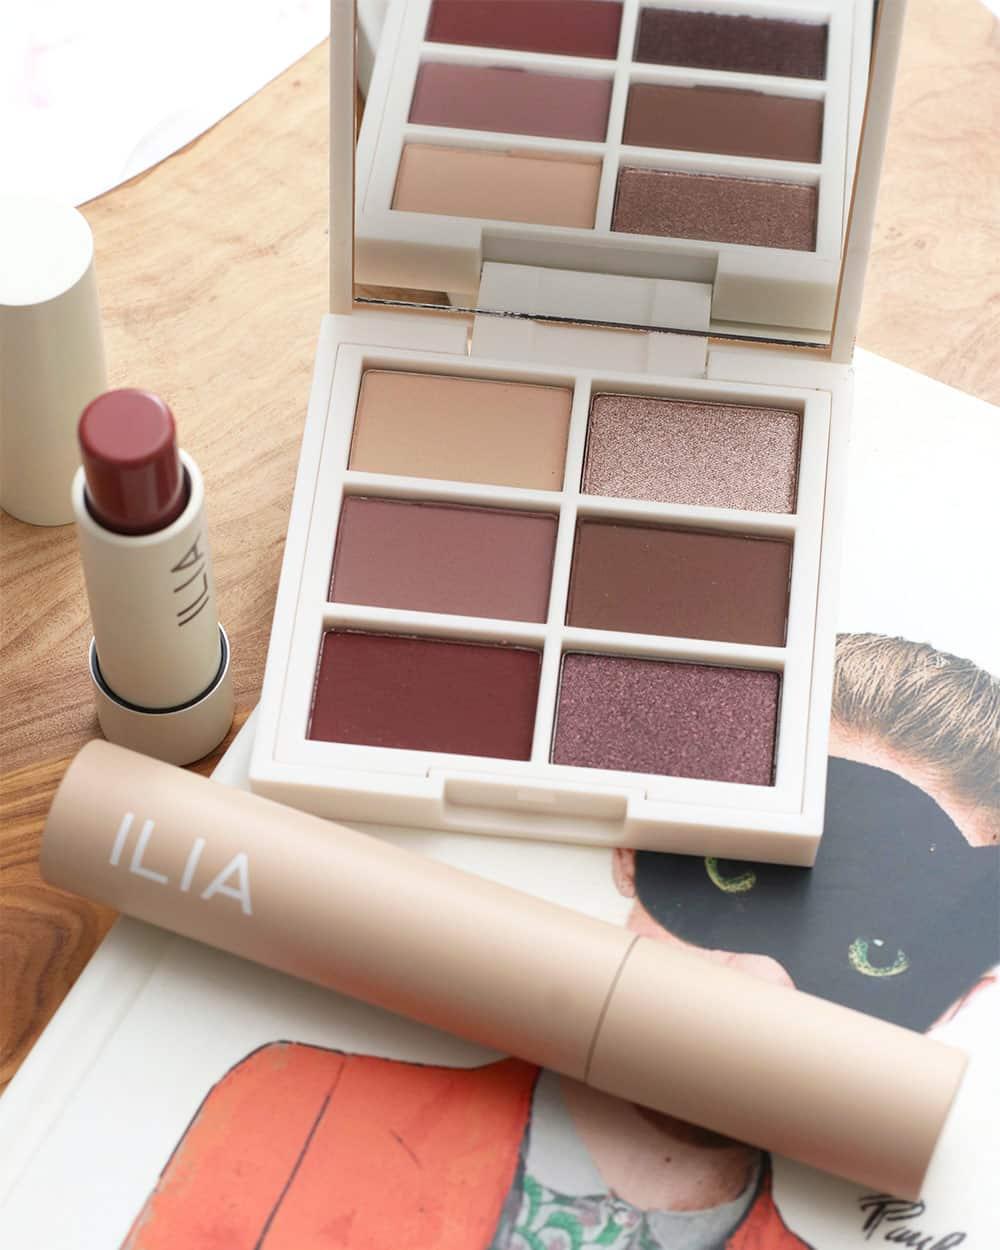 Pesquisa de segunda-feira do blog de maquiagem e beleza, vol. 695